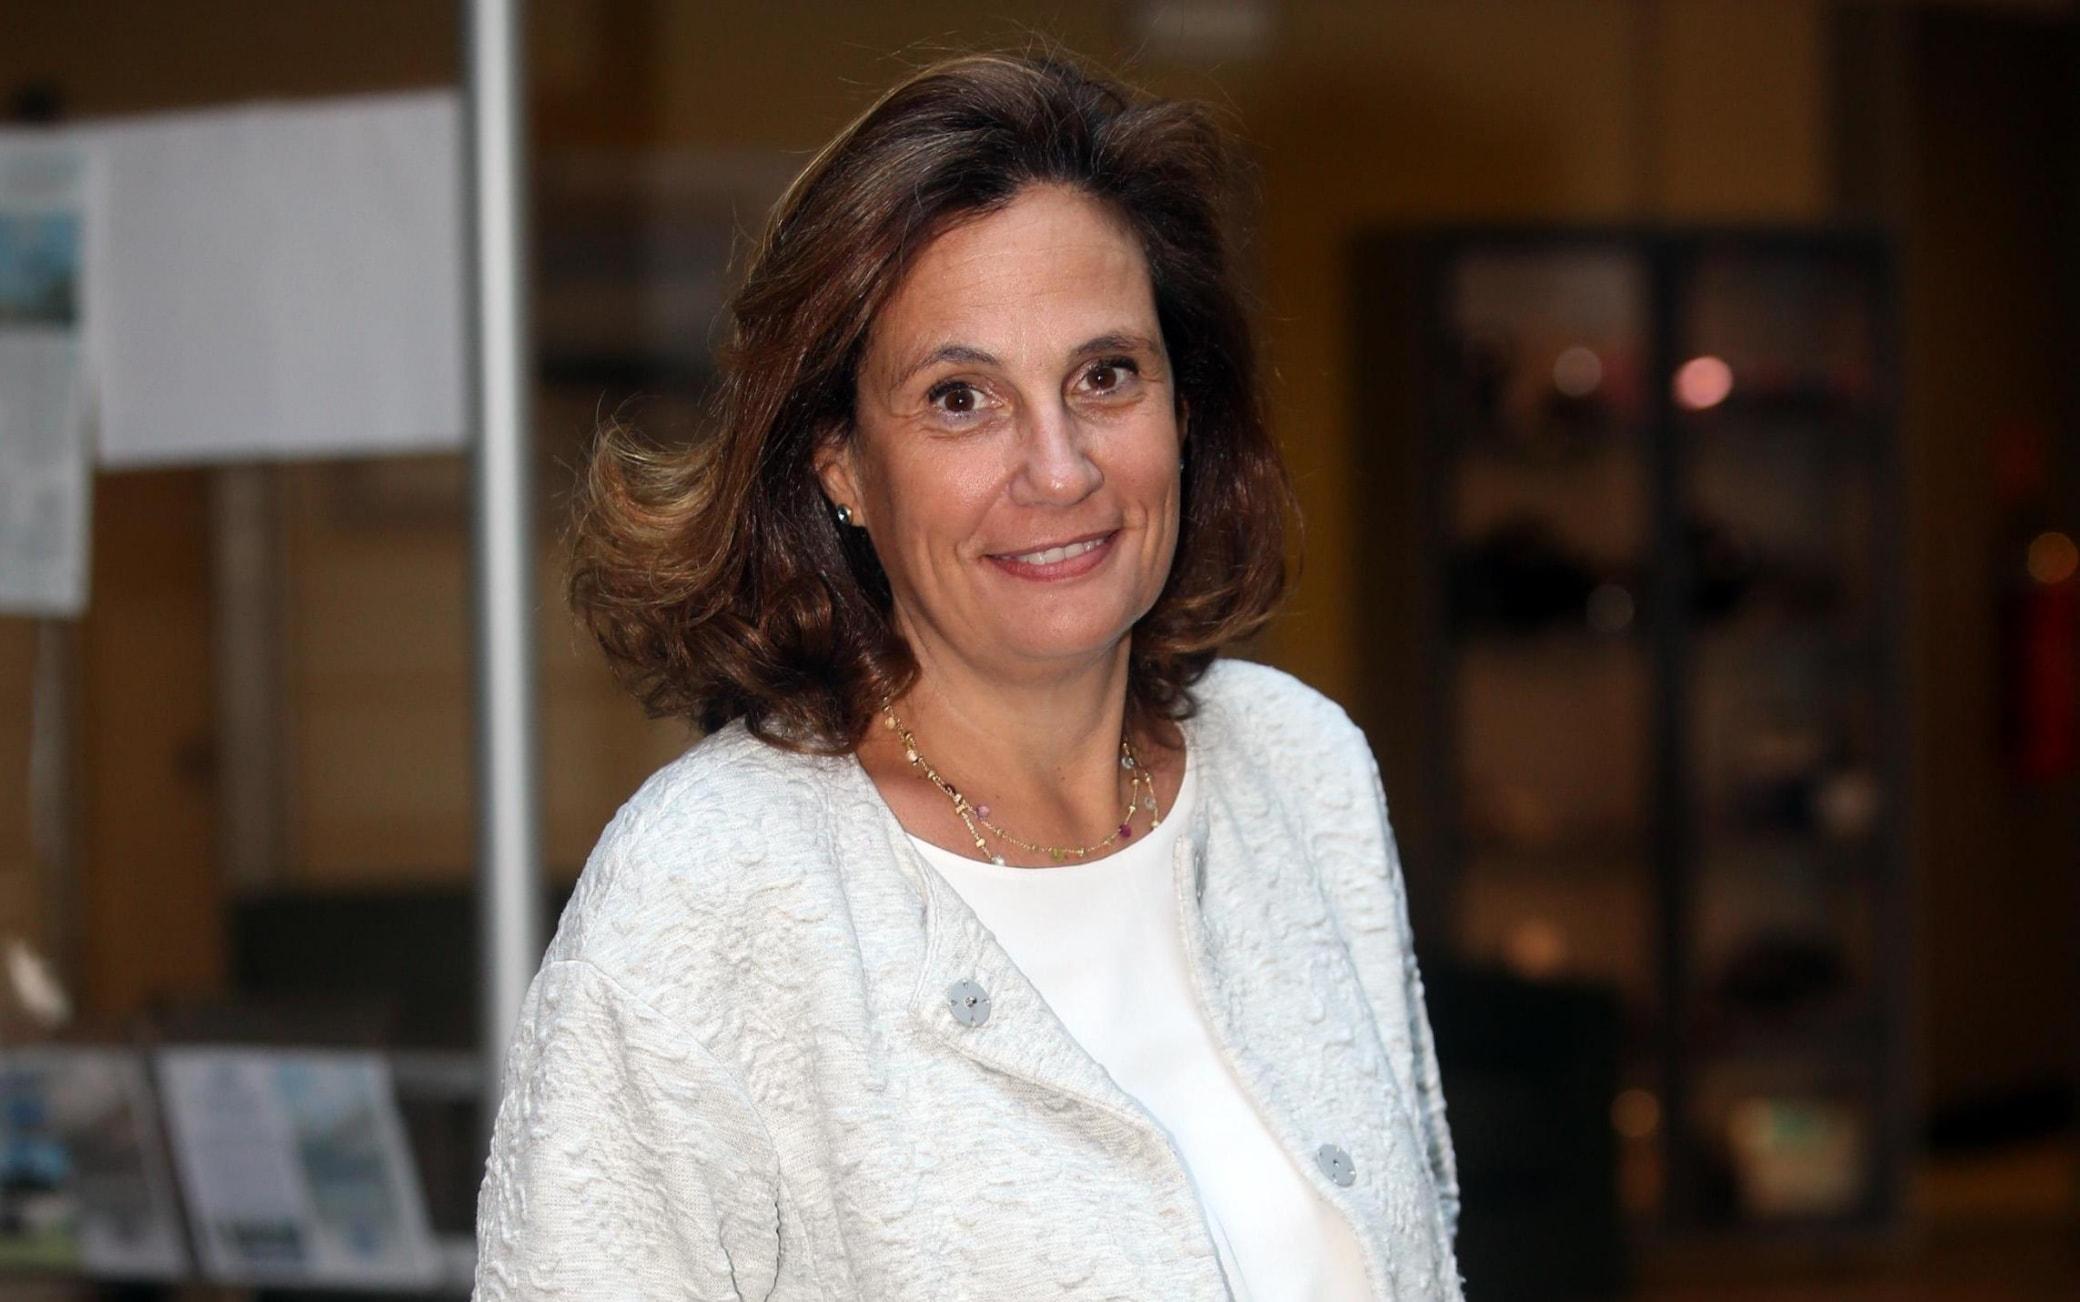 Ilaria Capua, direttrice del centro 'One Health' dell'università della Florida